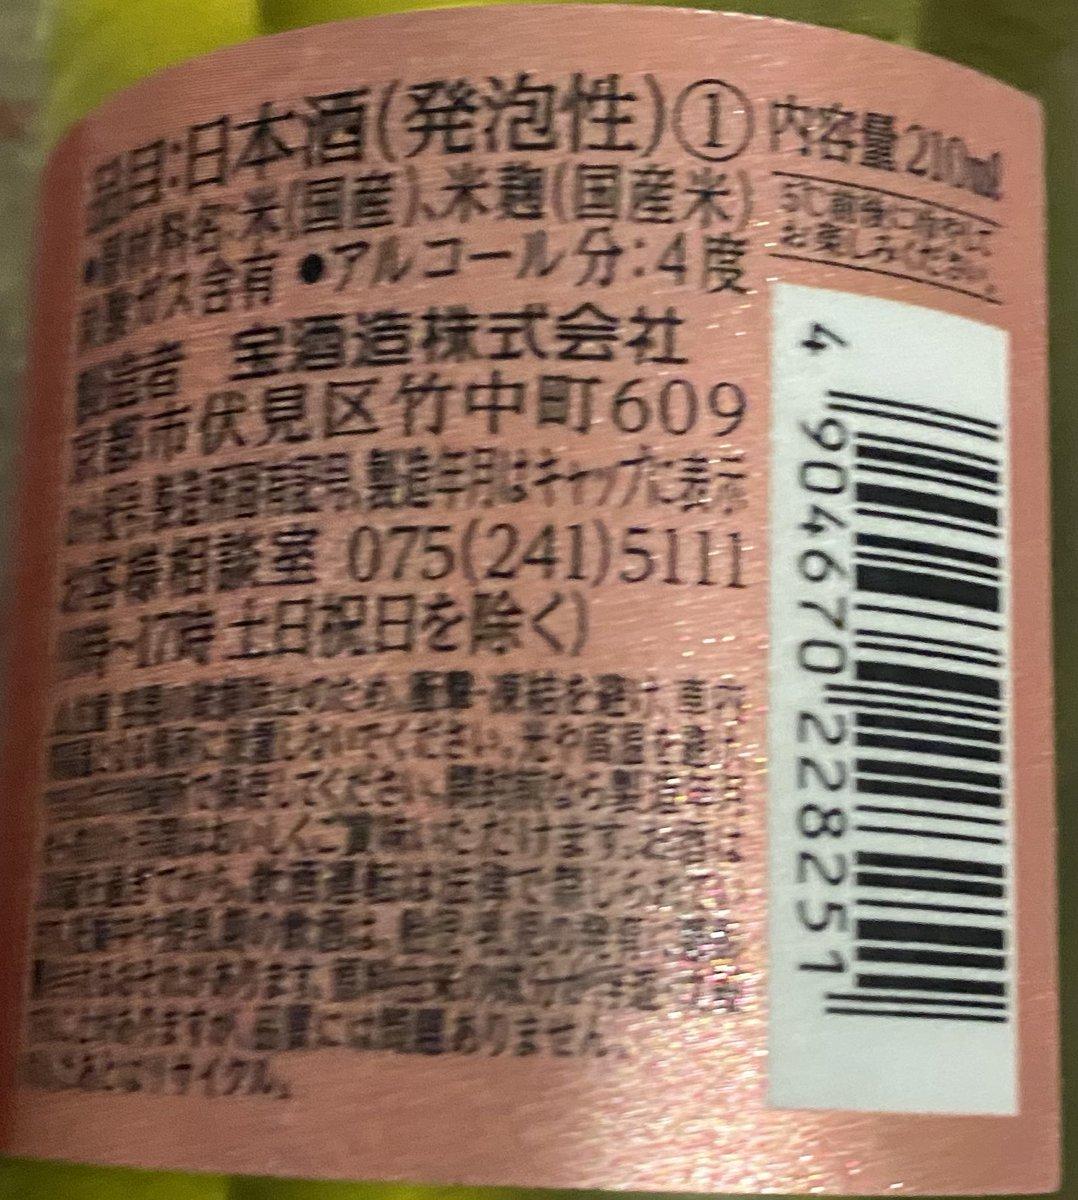 test ツイッターメディア - 今日は澪の一果を飲んだ😊 香りも🍓だし、美味しかったけど…少ない😭 この後五橋も飲んだけどそれもすぐにないなった😑 まだいけるけどこの辺にしとくか😑 明日はビッグな日本酒が届く!予定! たのしみどわー! https://t.co/JaniZaNw0z